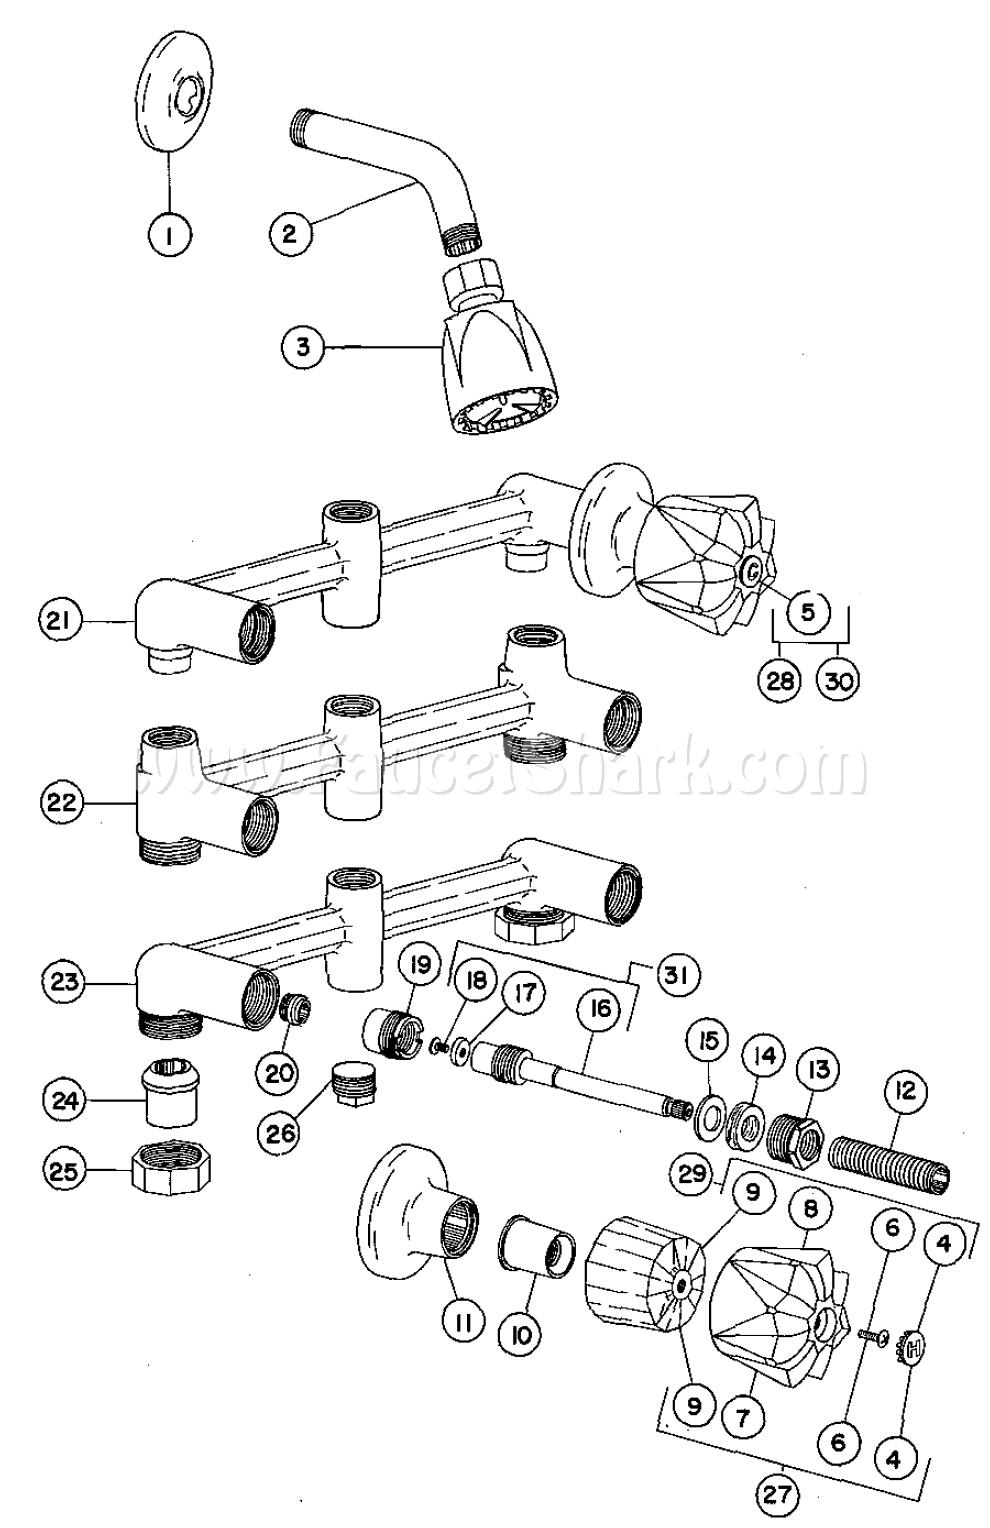 valve shower faucet parts